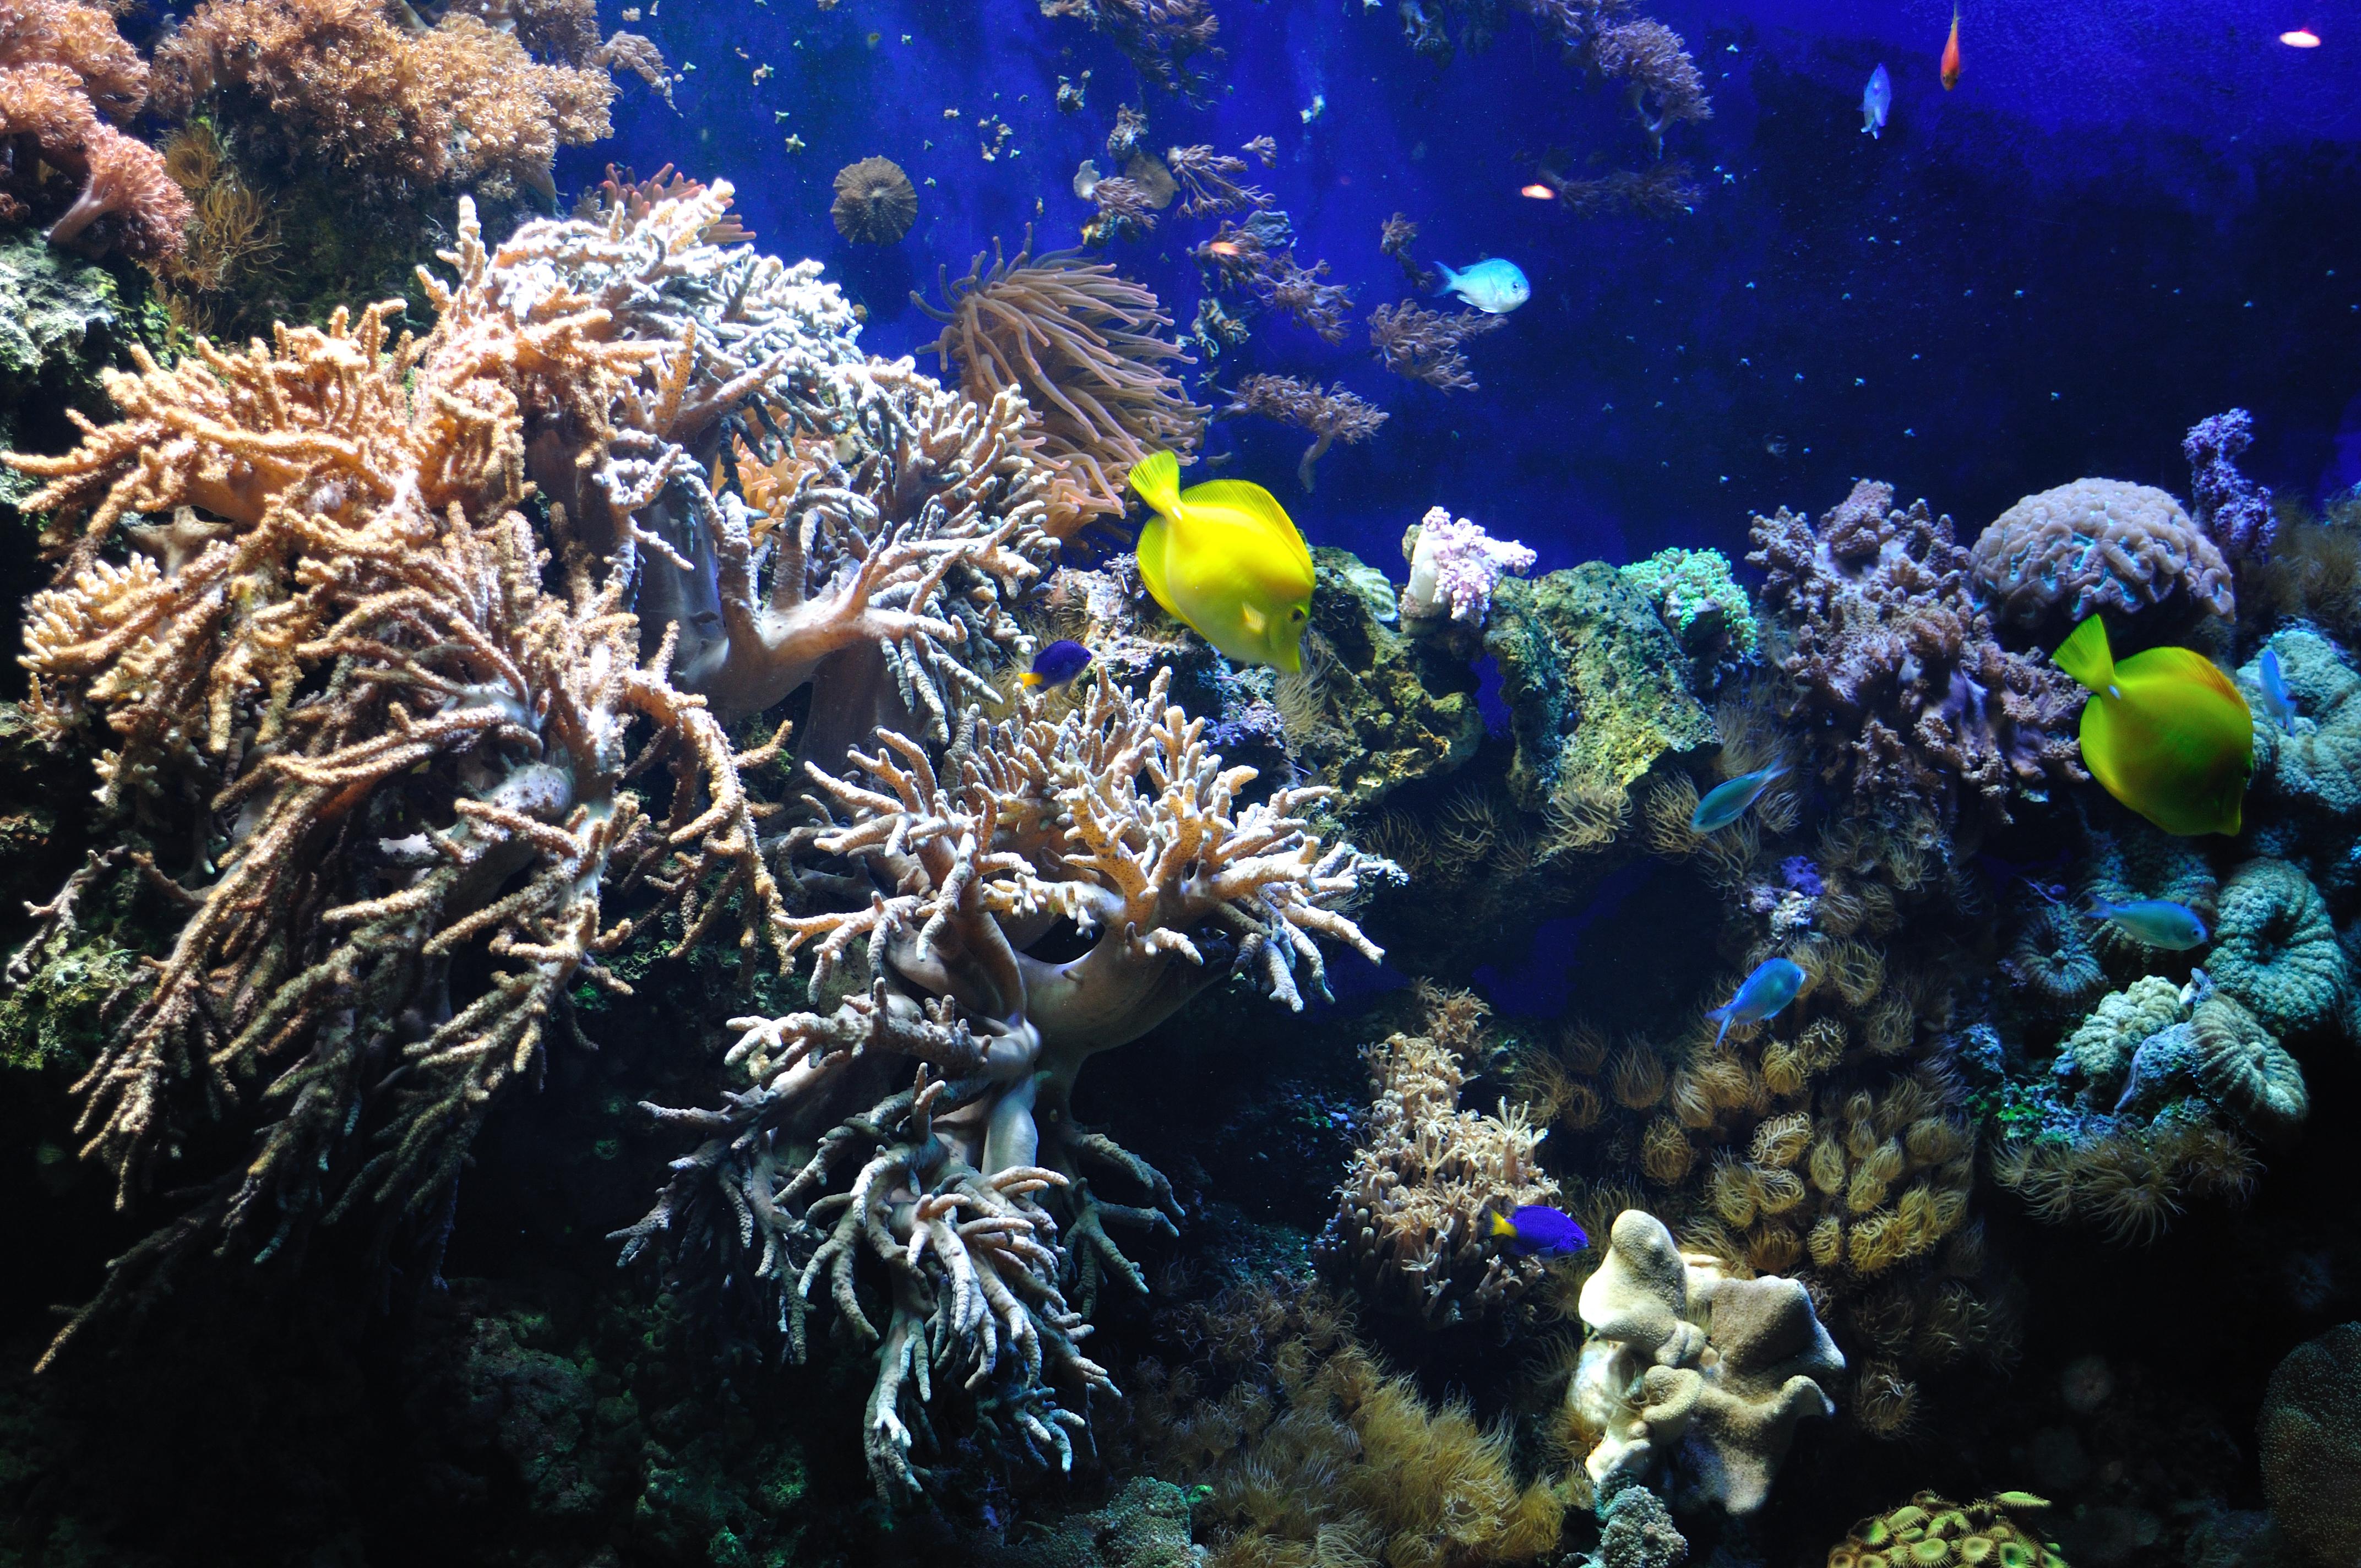 Marine Fish : File:Marine fish (5791775758).jpg - Wikimedia Commons